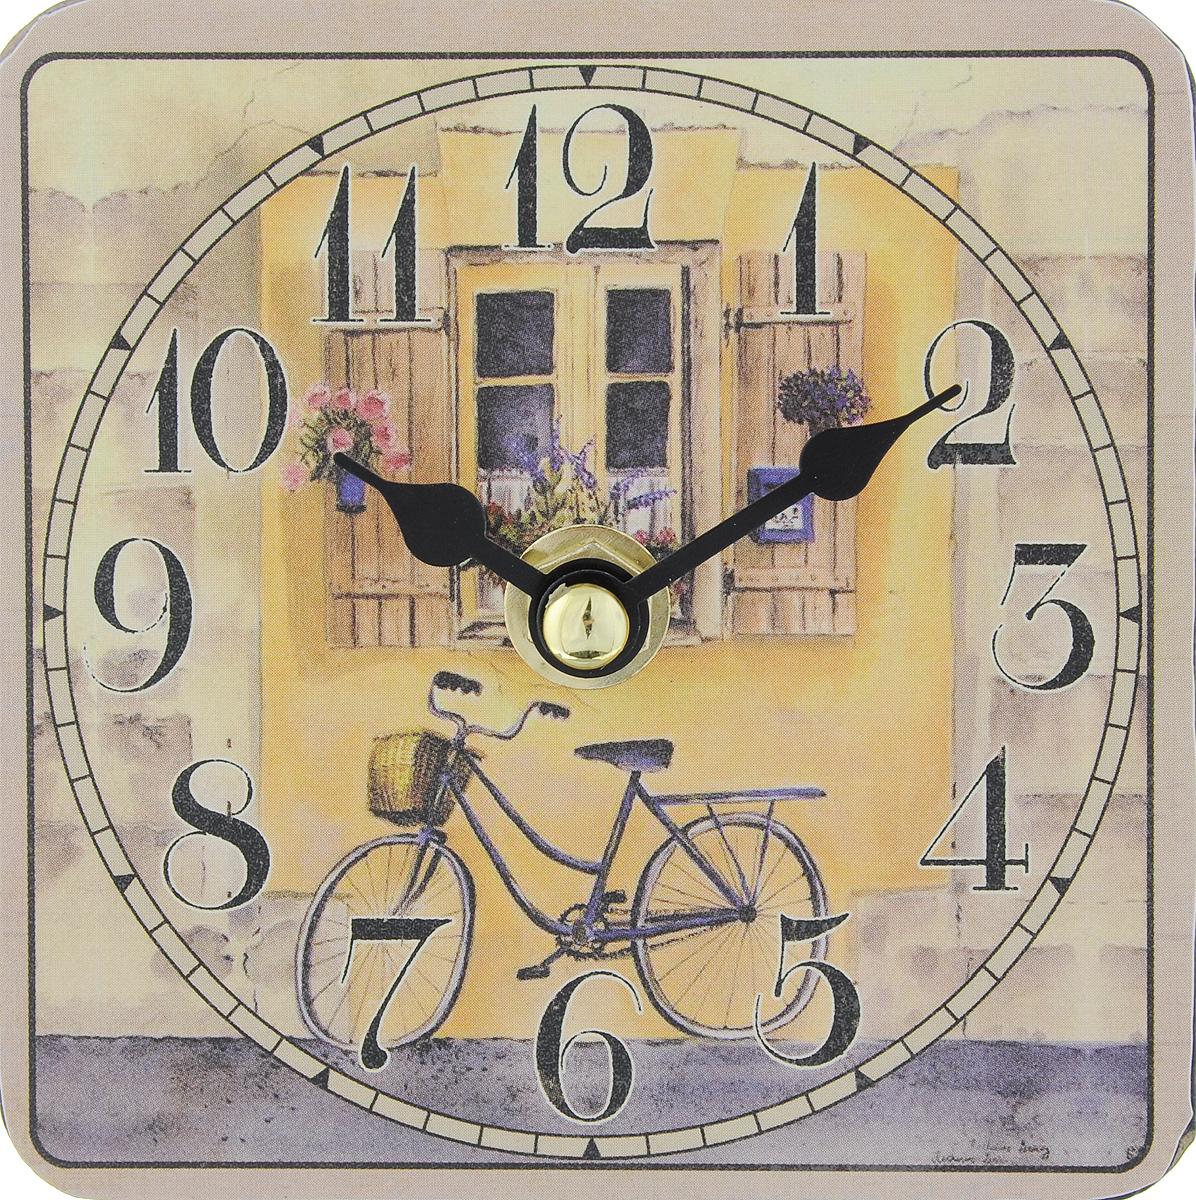 Часы настольные Феникс-Презент Велосипед, 10 х 10 см40733Настольные часы квадратной формы Феникс-Презент Велосипед своим эксклюзивным дизайном подчеркнут оригинальность интерьера вашего дома. Циферблат оформлен цветным рисунком. Часы выполнены из МДФ. МДФ (мелкодисперсные фракции) представляет собой плиту из запрессованной вакуумным способом деревянной пыли и является наиболее экологически чистым материалом среди себе подобных. Часы имеют две стрелки - часовую и минутную.Настольные часы Феникс-Презент Велосипед подходят для кухни, гостиной, прихожей или дачи, а также могут стать отличным подарком для друзей и близких.ВНИМАНИЕ!!! Часы работают от сменной батареи типа АА 1,5V (в комплект не входит).